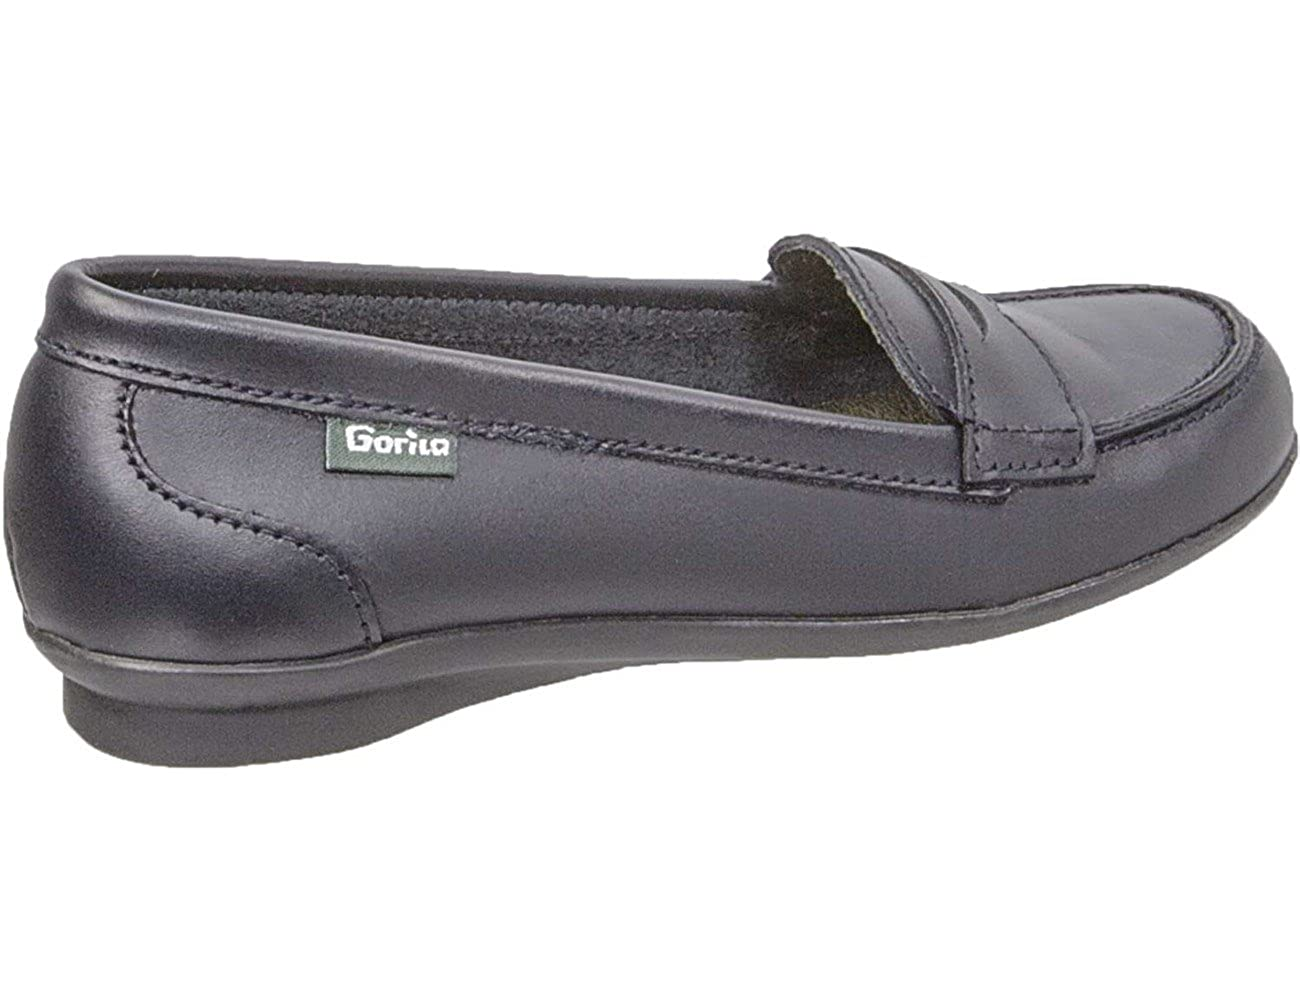 Gorila 20652 Lucia - Zapato colegial niña: Amazon.es: Zapatos y complementos